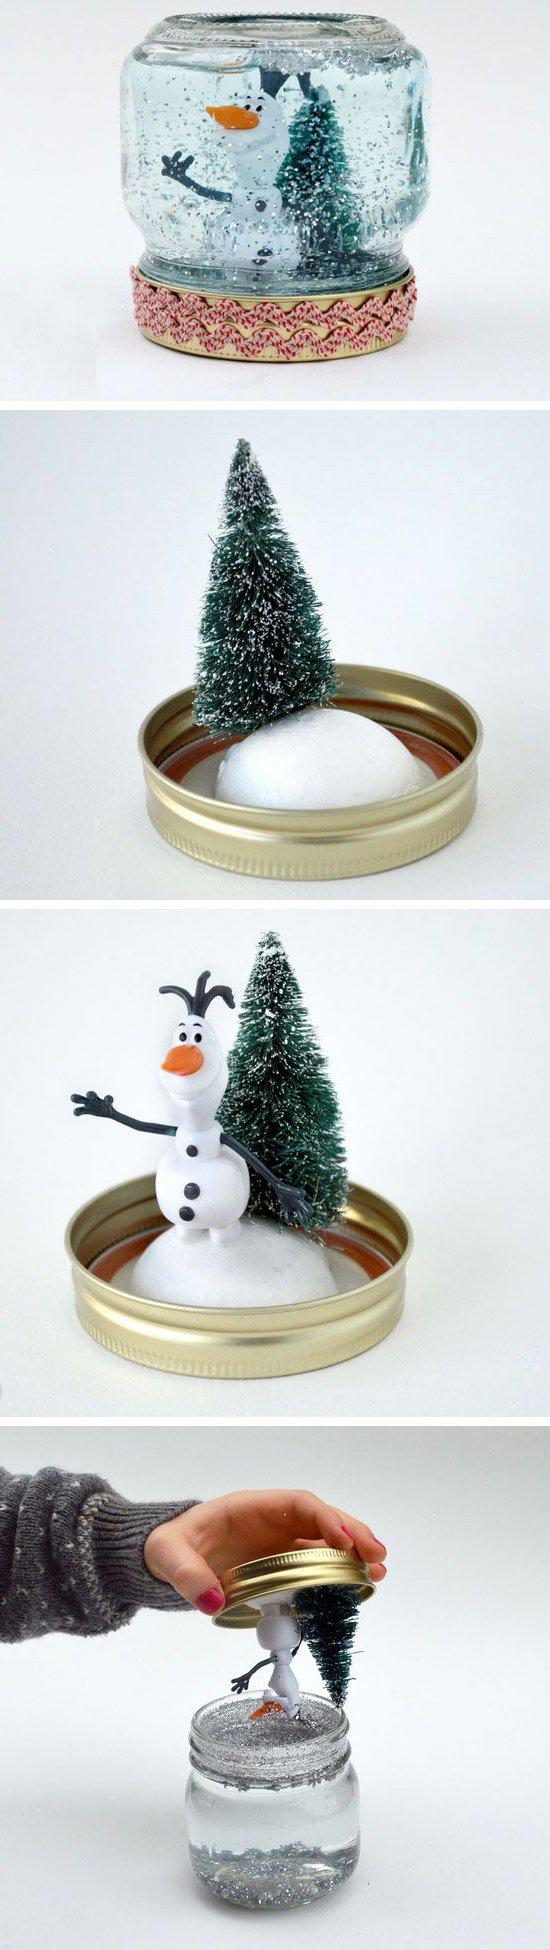 anleitungen basteln mit 2j hrigen kindern f r weihnachten bastelideen zenideen. Black Bedroom Furniture Sets. Home Design Ideas